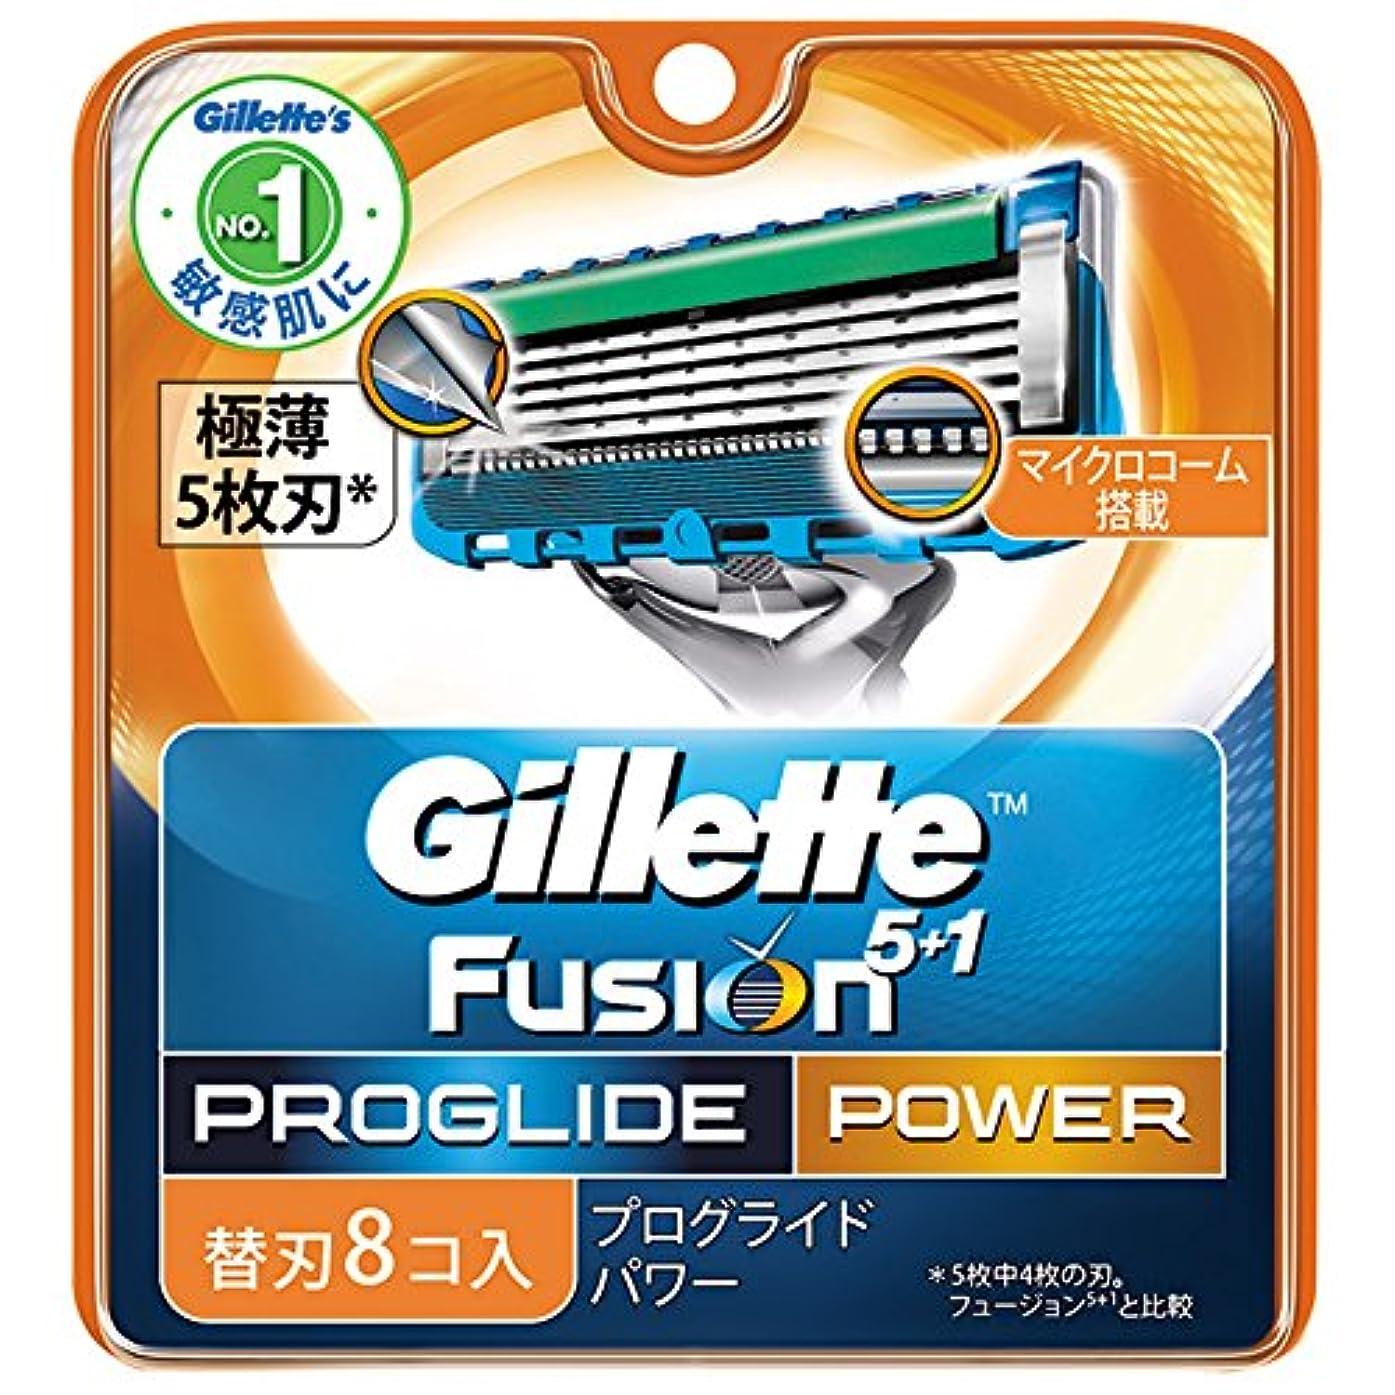 暗くするリビングルーム状態ジレット 髭剃り プログライド フレックスボール パワー 替刃8個入